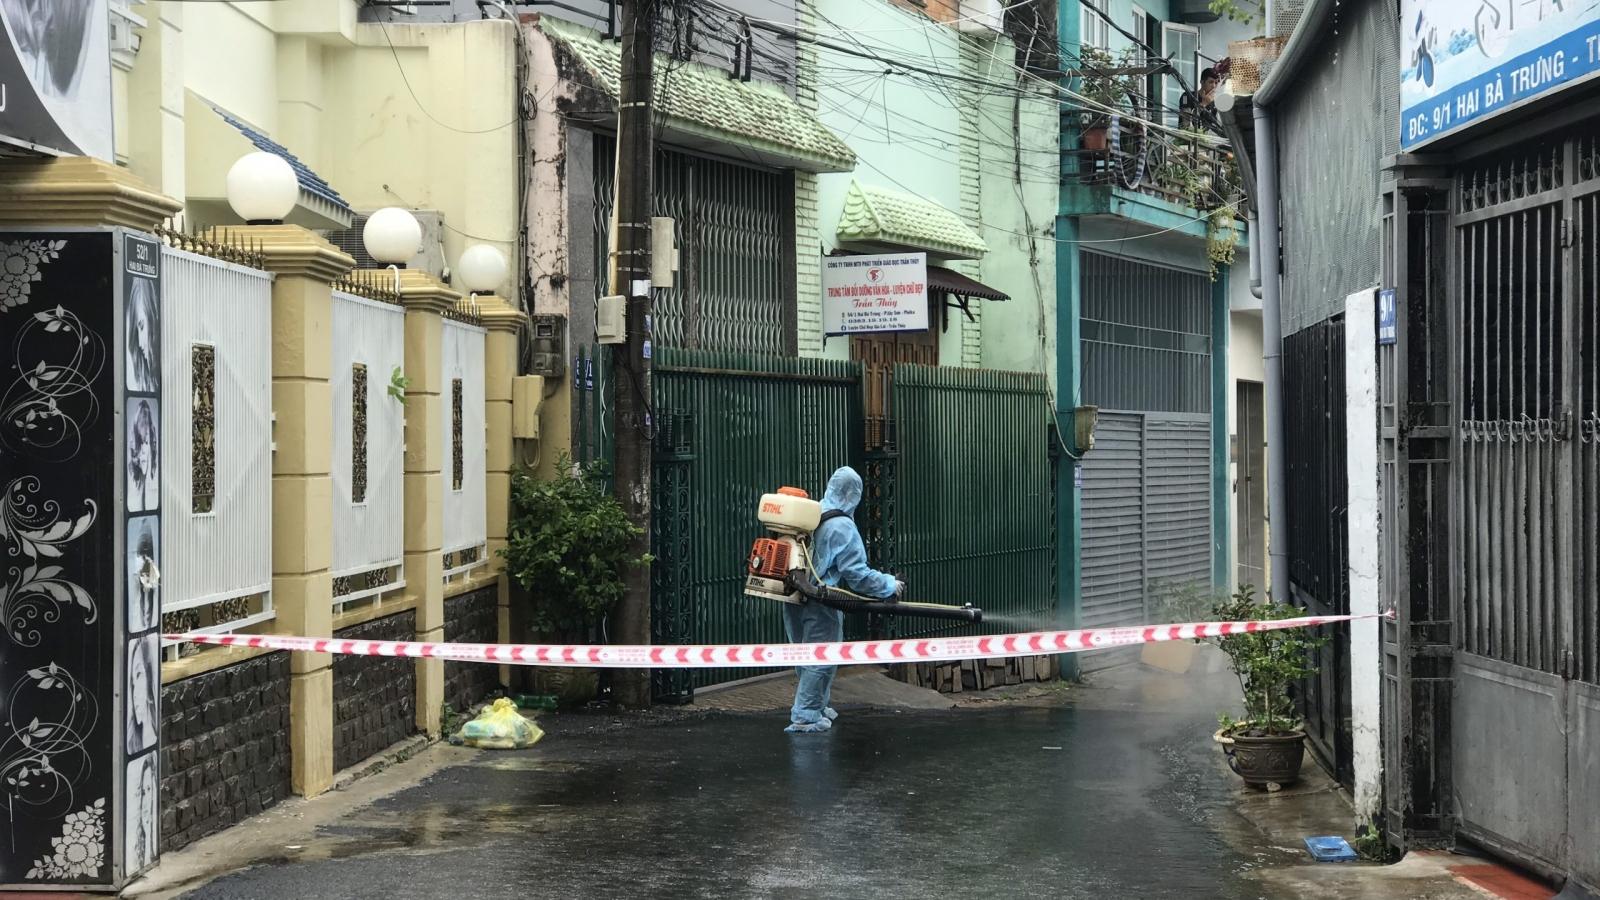 Đề nghị khởi tố vụ án làm lây lan dịch đối với cán bộ phường Tây Sơn tại Gia Lai